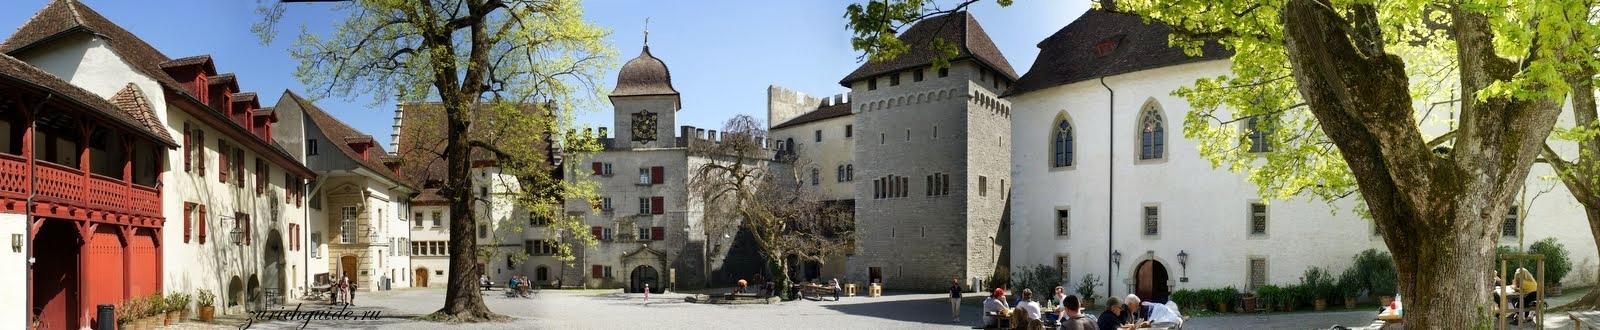 Ленцбург (Lenzburg), Швейцария - путеводитель по городу и замку Ленцбург. Что посмотреть в Ленцбурге, как добраться - расписание, стоимость, фото